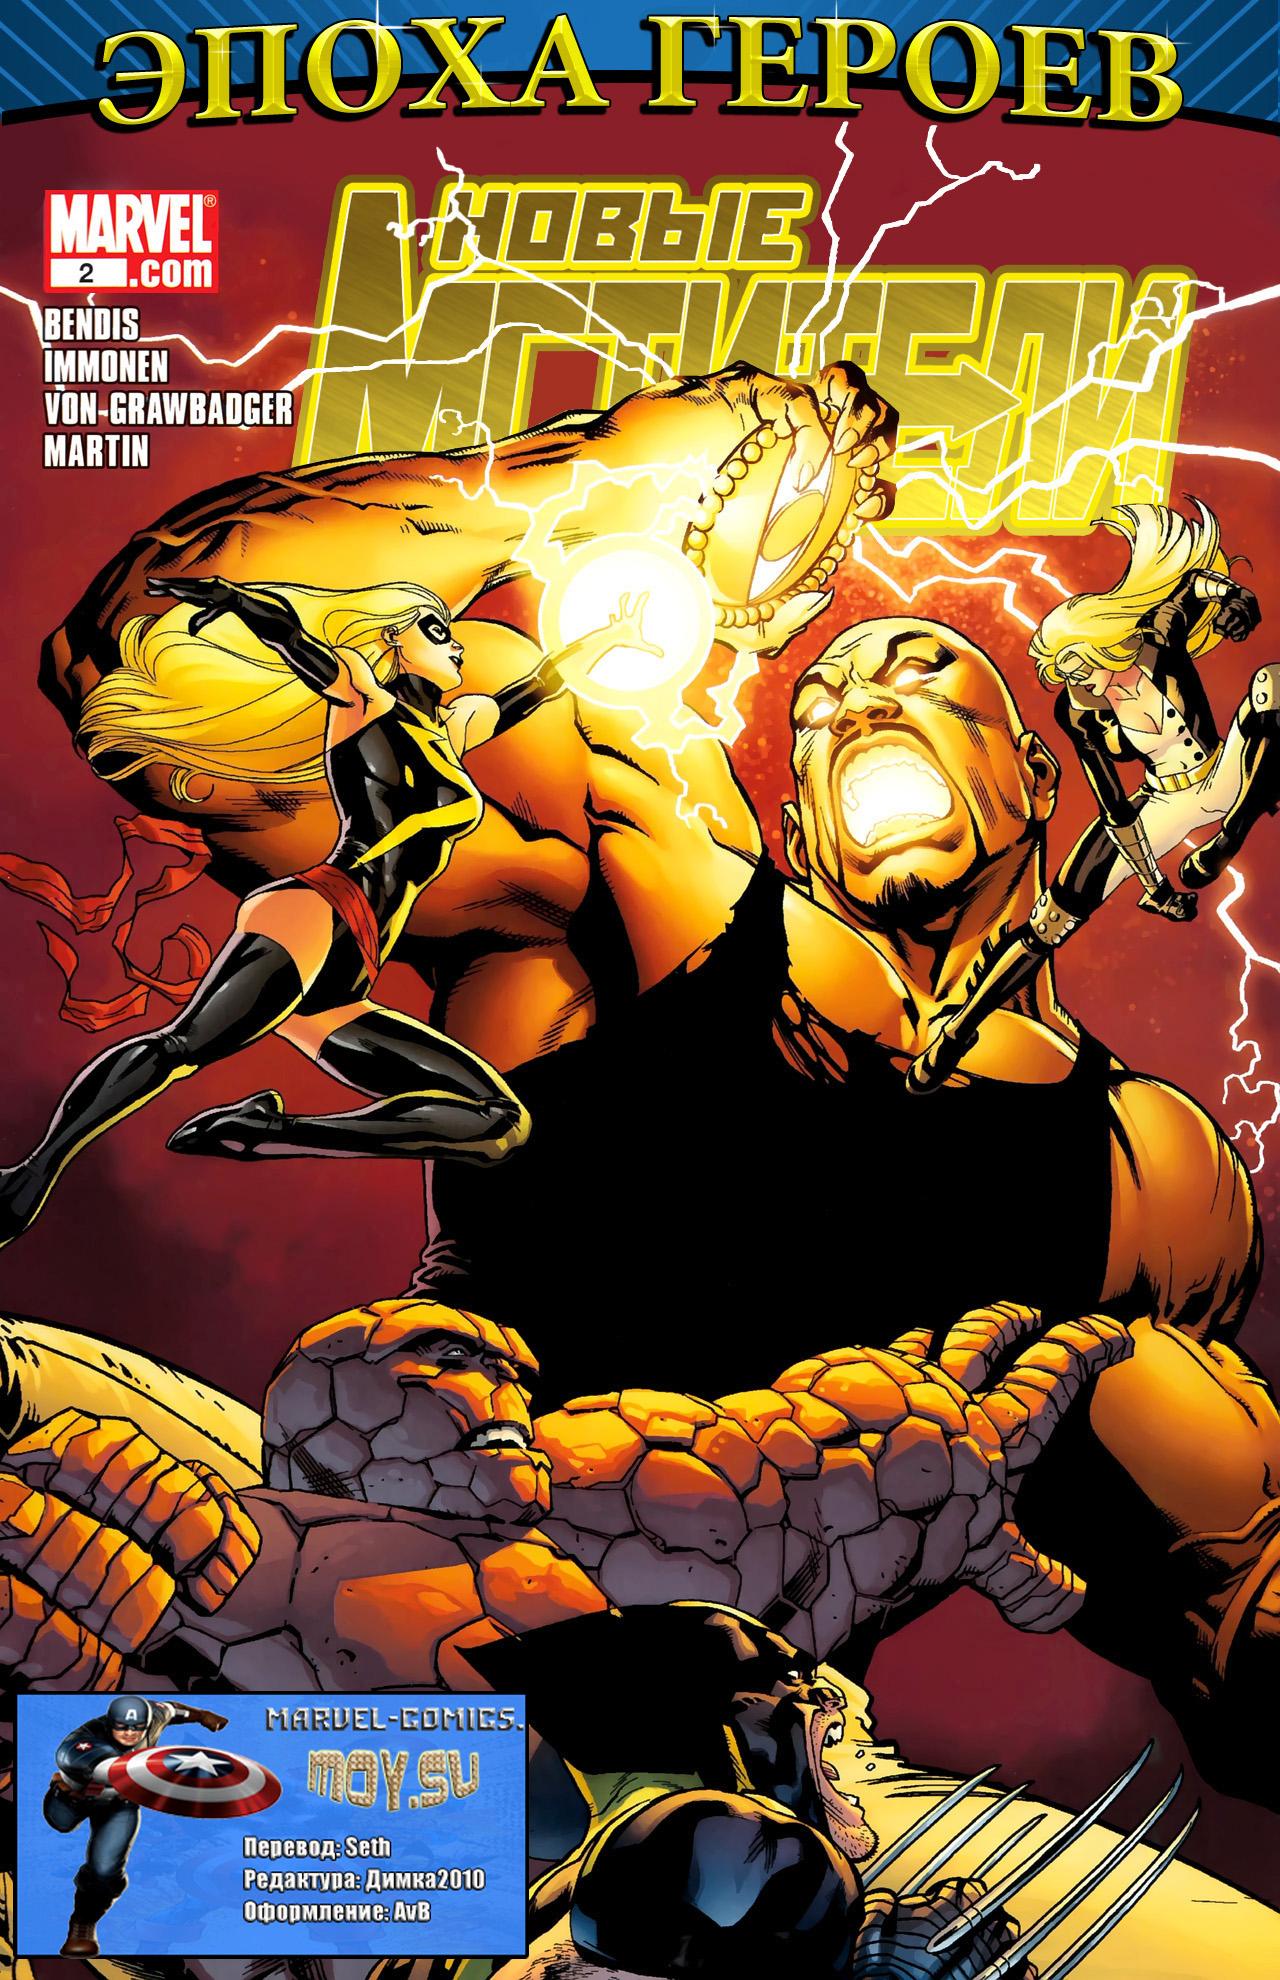 Комиксы Онлайн - Новые Мстители том 2 - # 2 Всем смотреть на Кейджа! Эра Героев - Страница №1 - New Avengers vol 2 - # 2 All Eyes on Cage! Age of Heroes